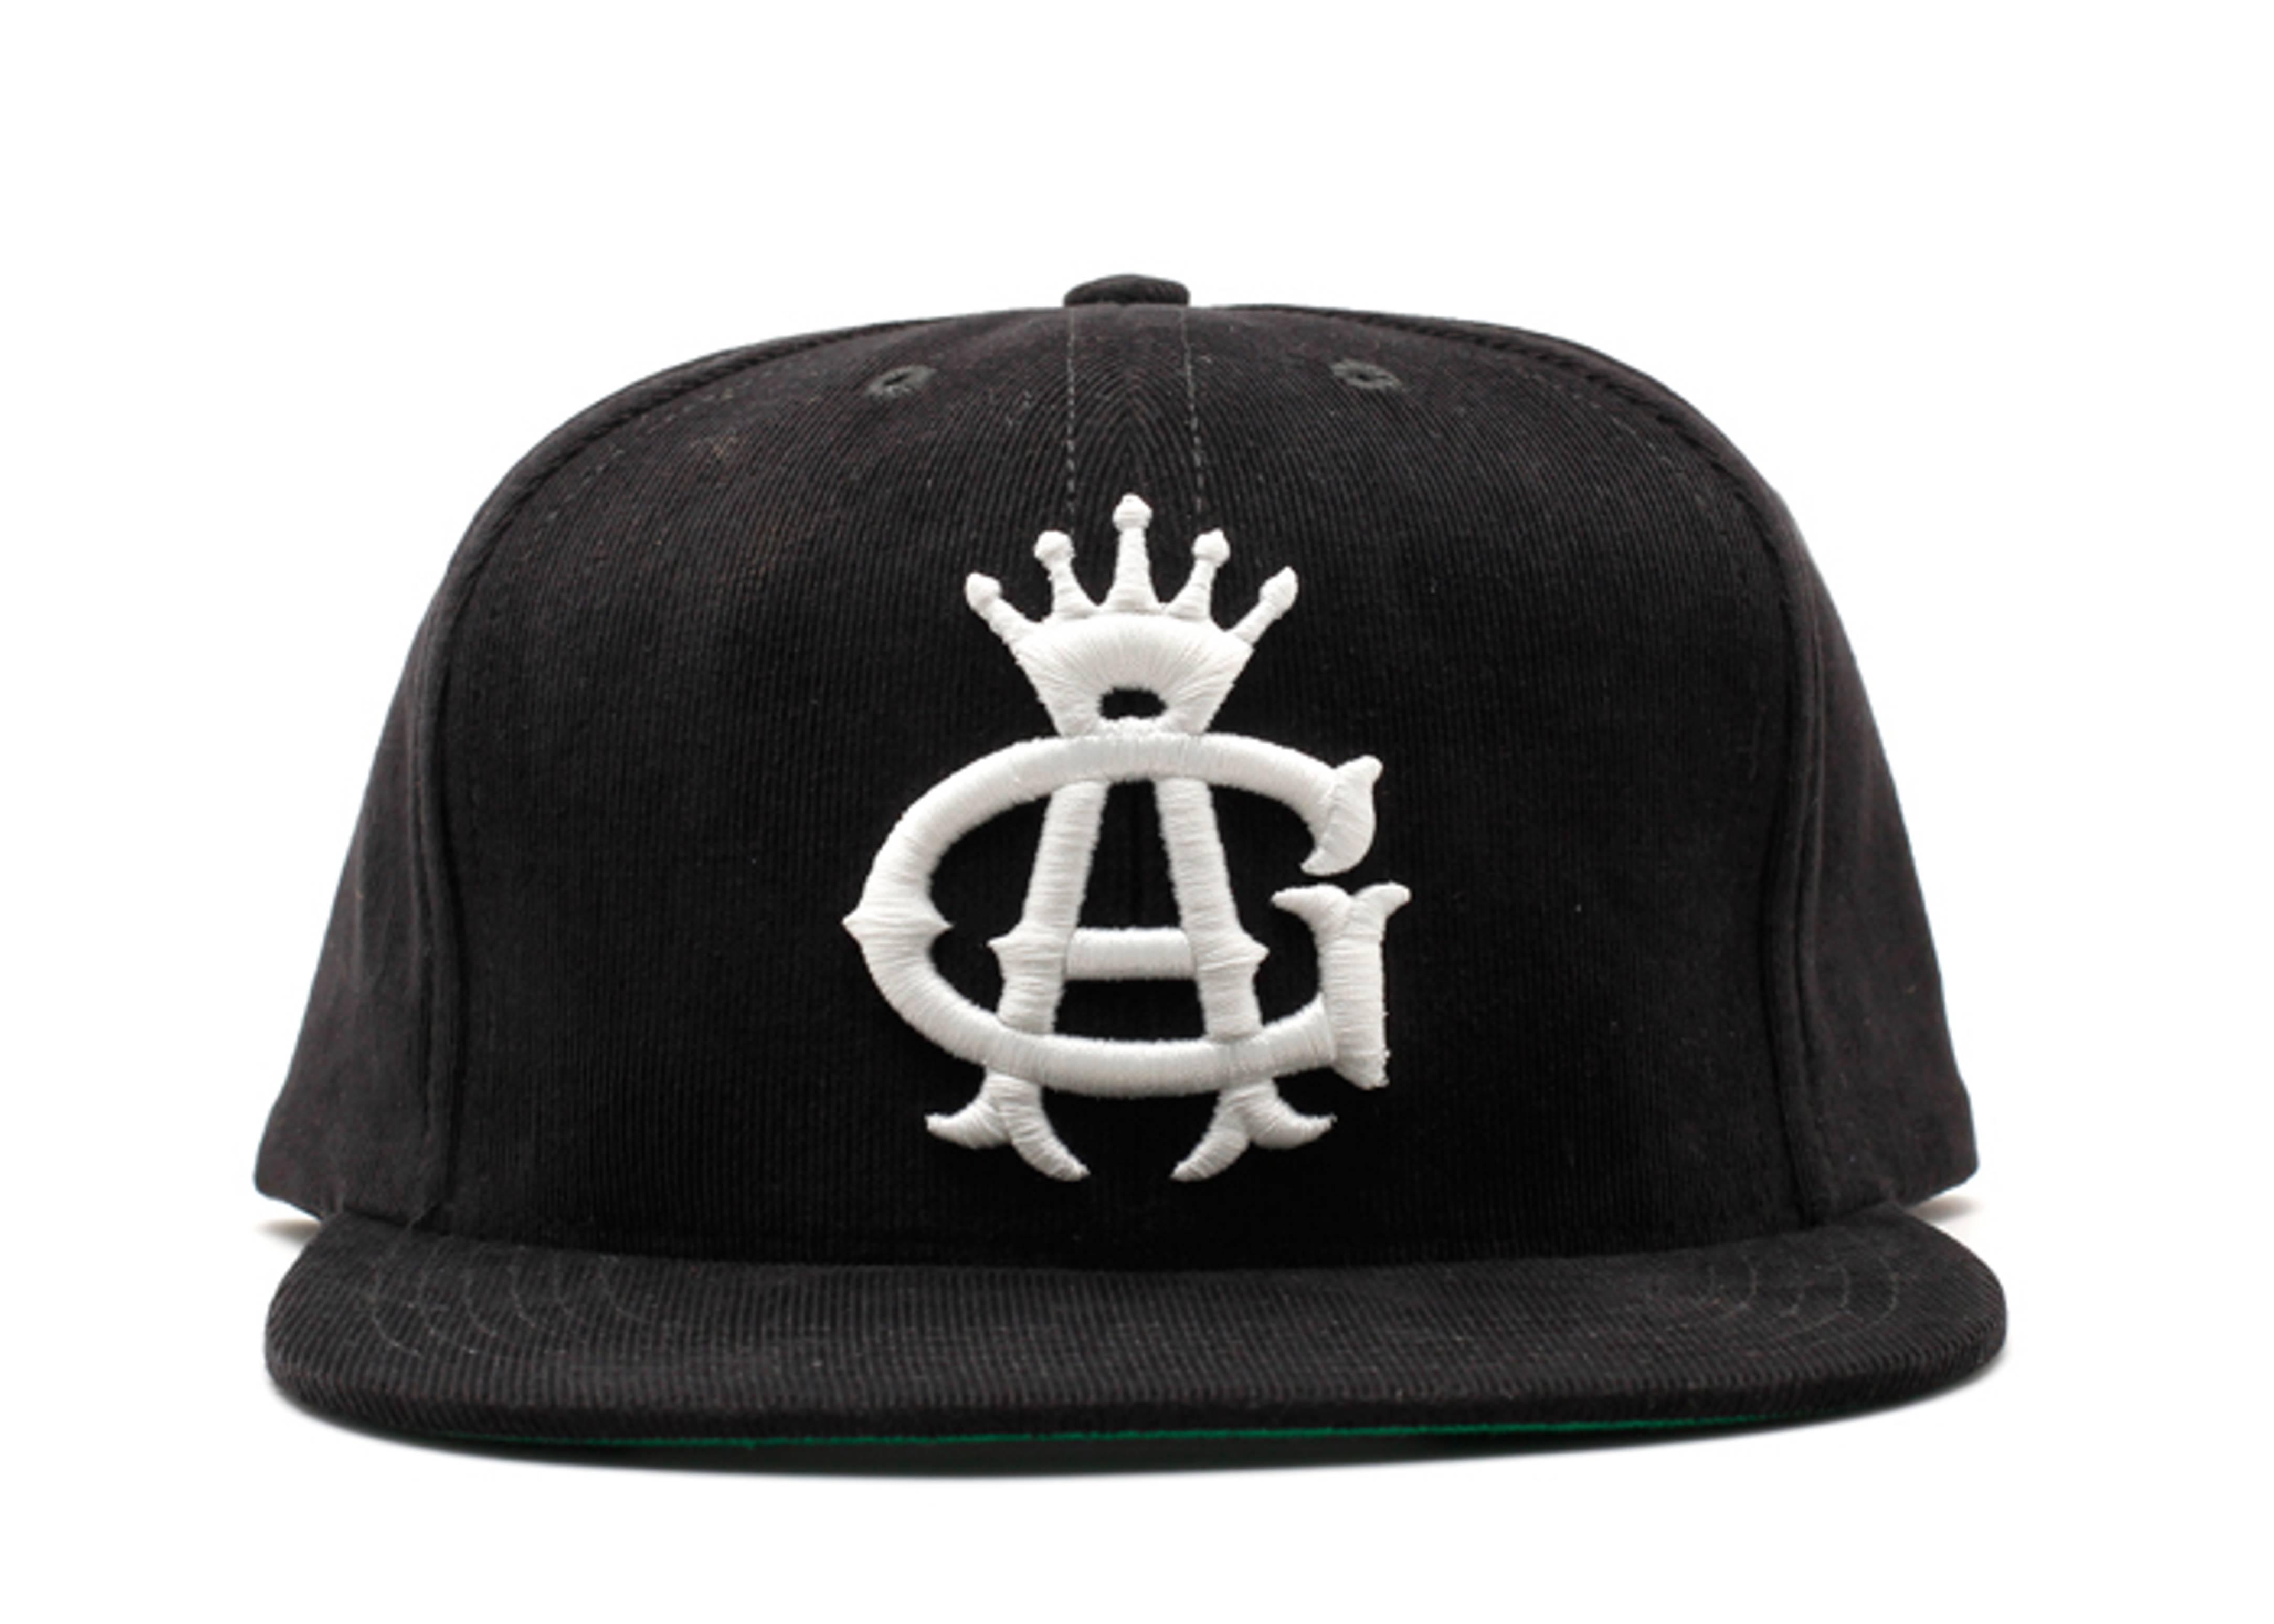 crown royal corduroy snap-back